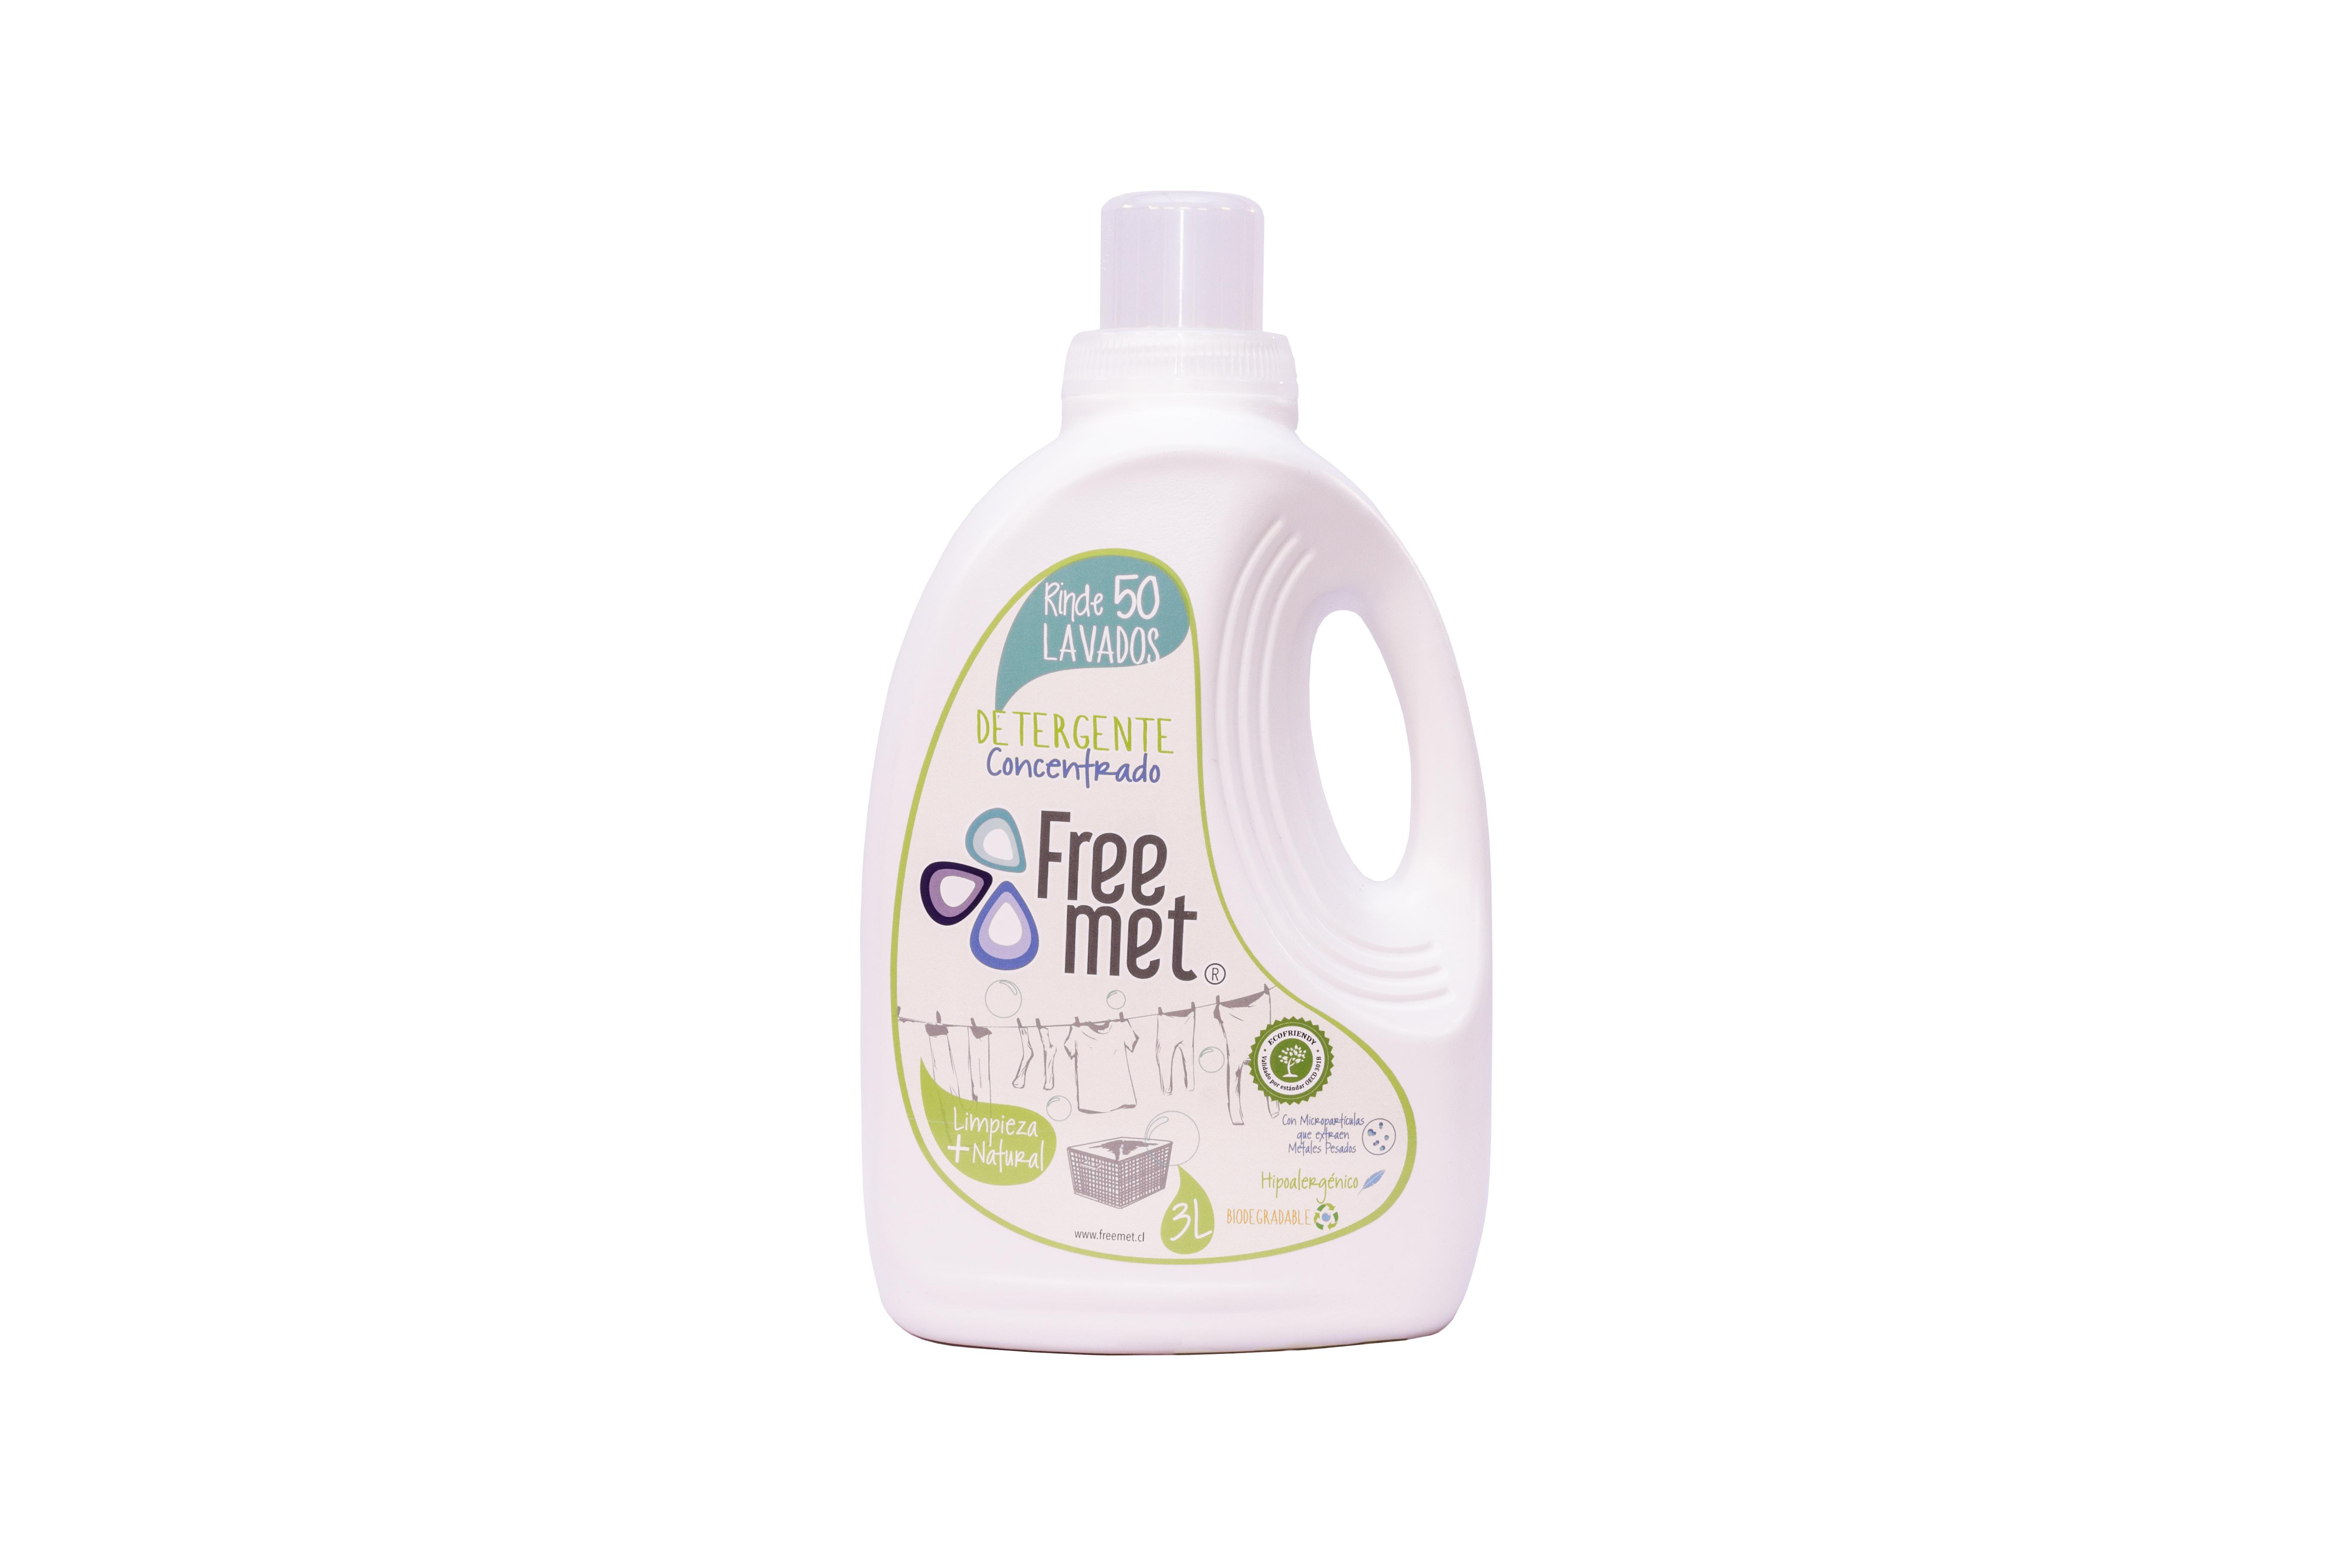 Detergente de Ropa Ecoamigable Freemet